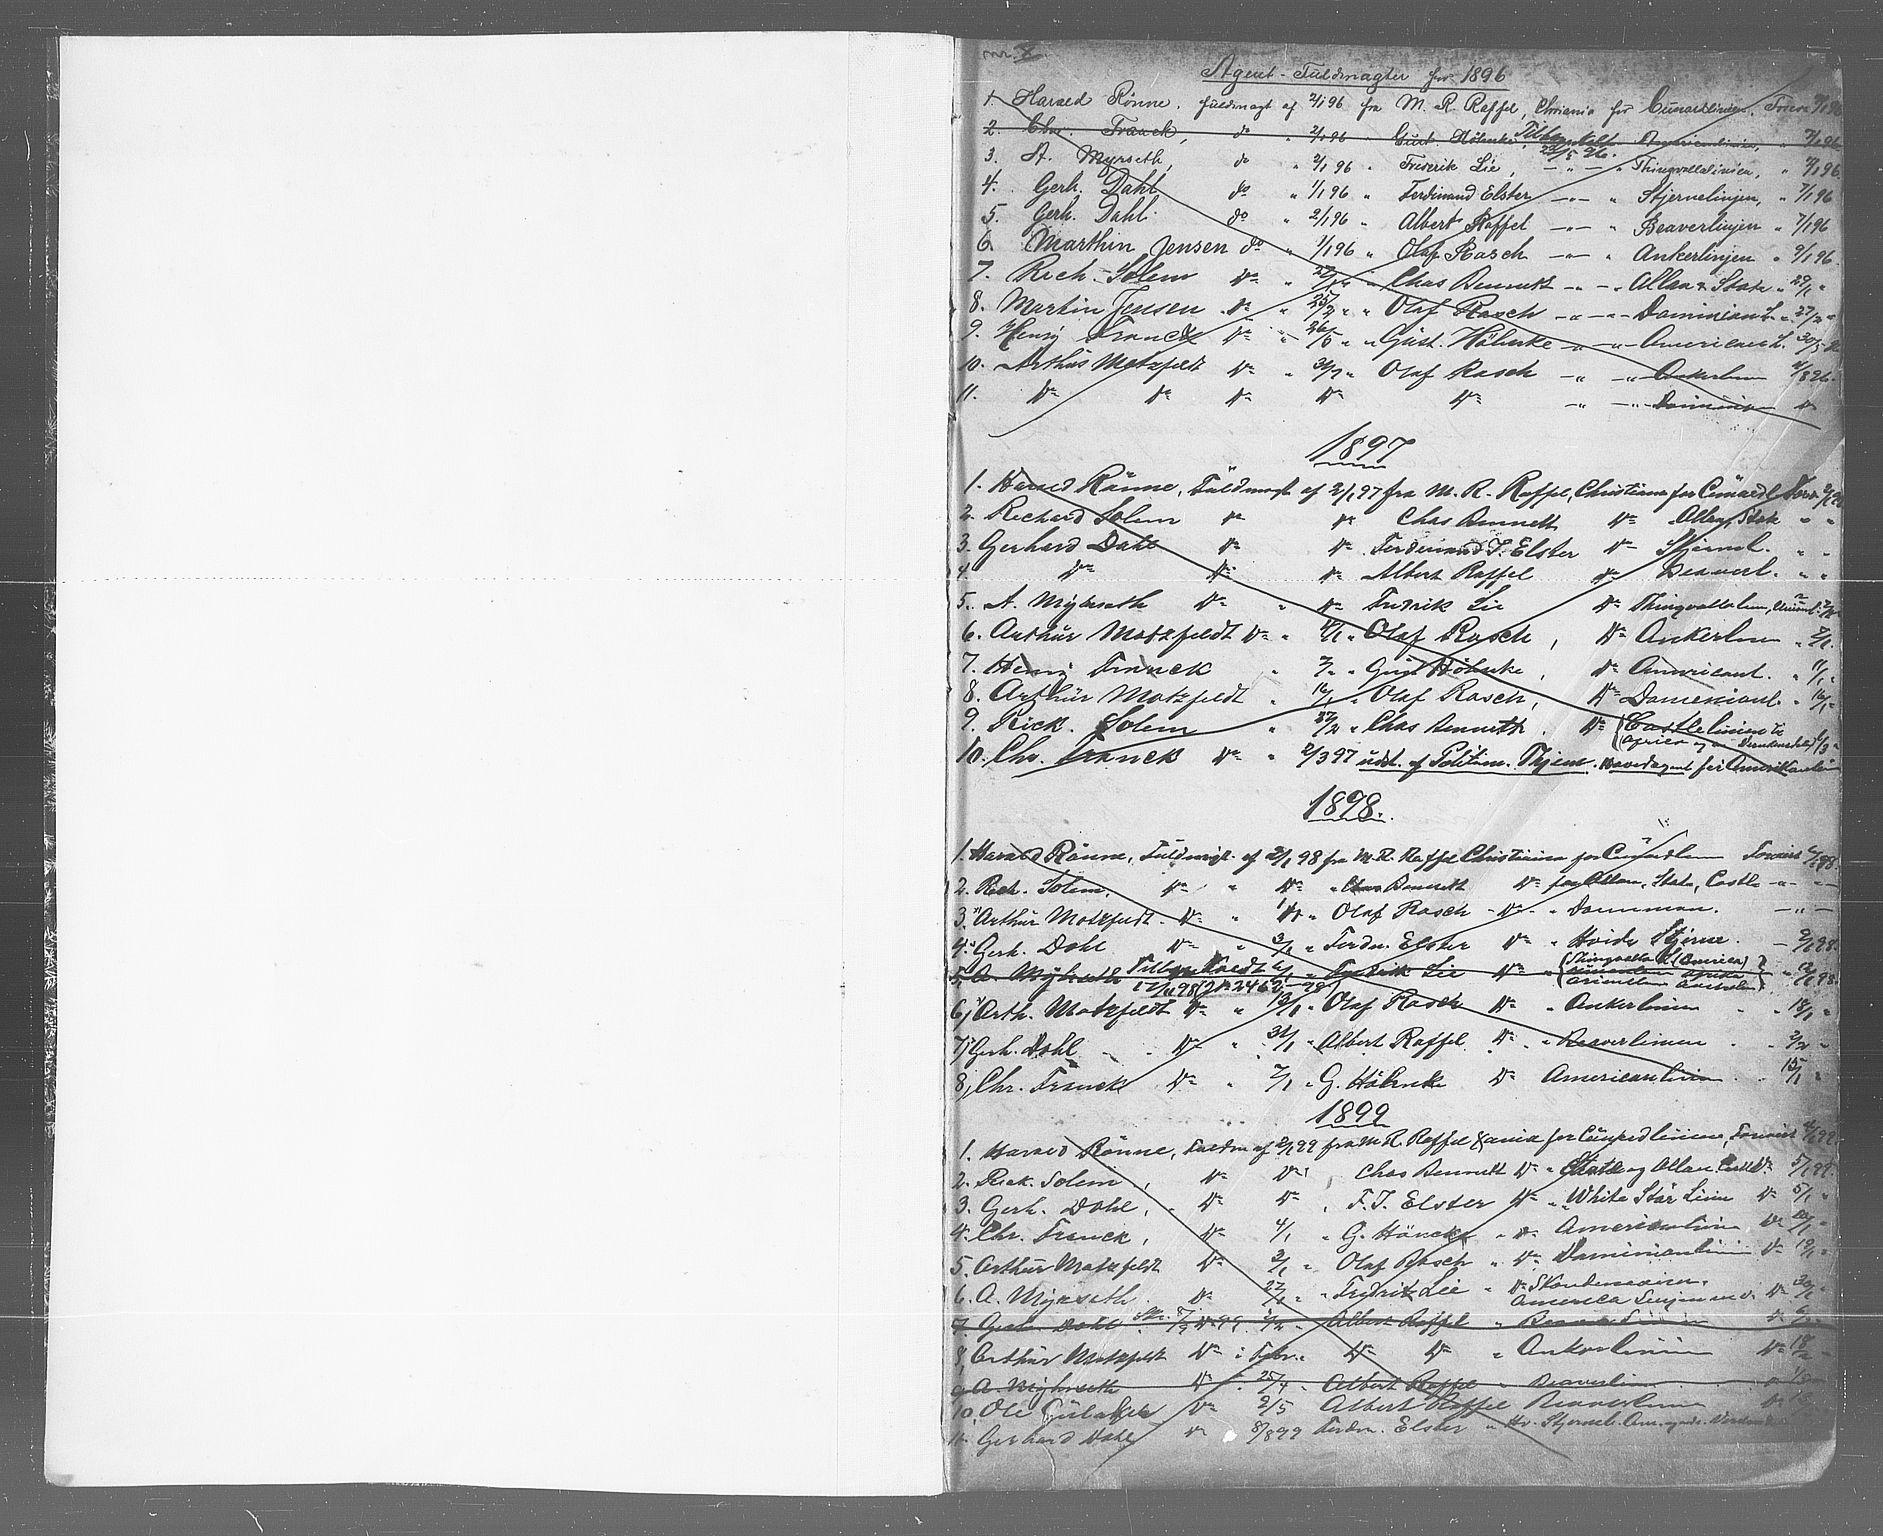 SAT, Trondheim politikammer, 32/L0011: Emigrantprotokoll X 23.09-11.06, 1895-1902